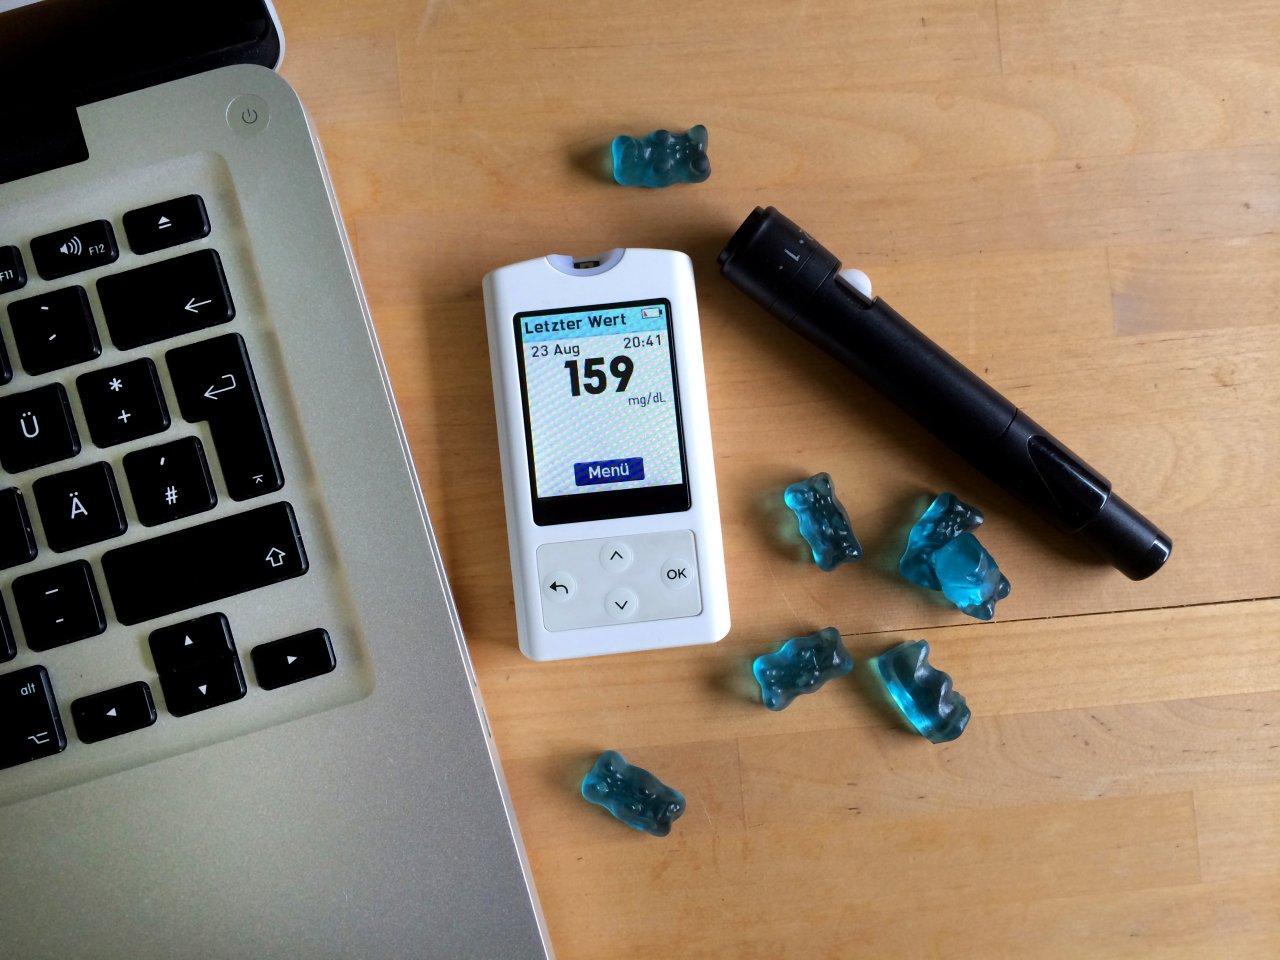 Warum du als Typ-2 Diabetiker den Blutzucker regelmäßig checken solltest